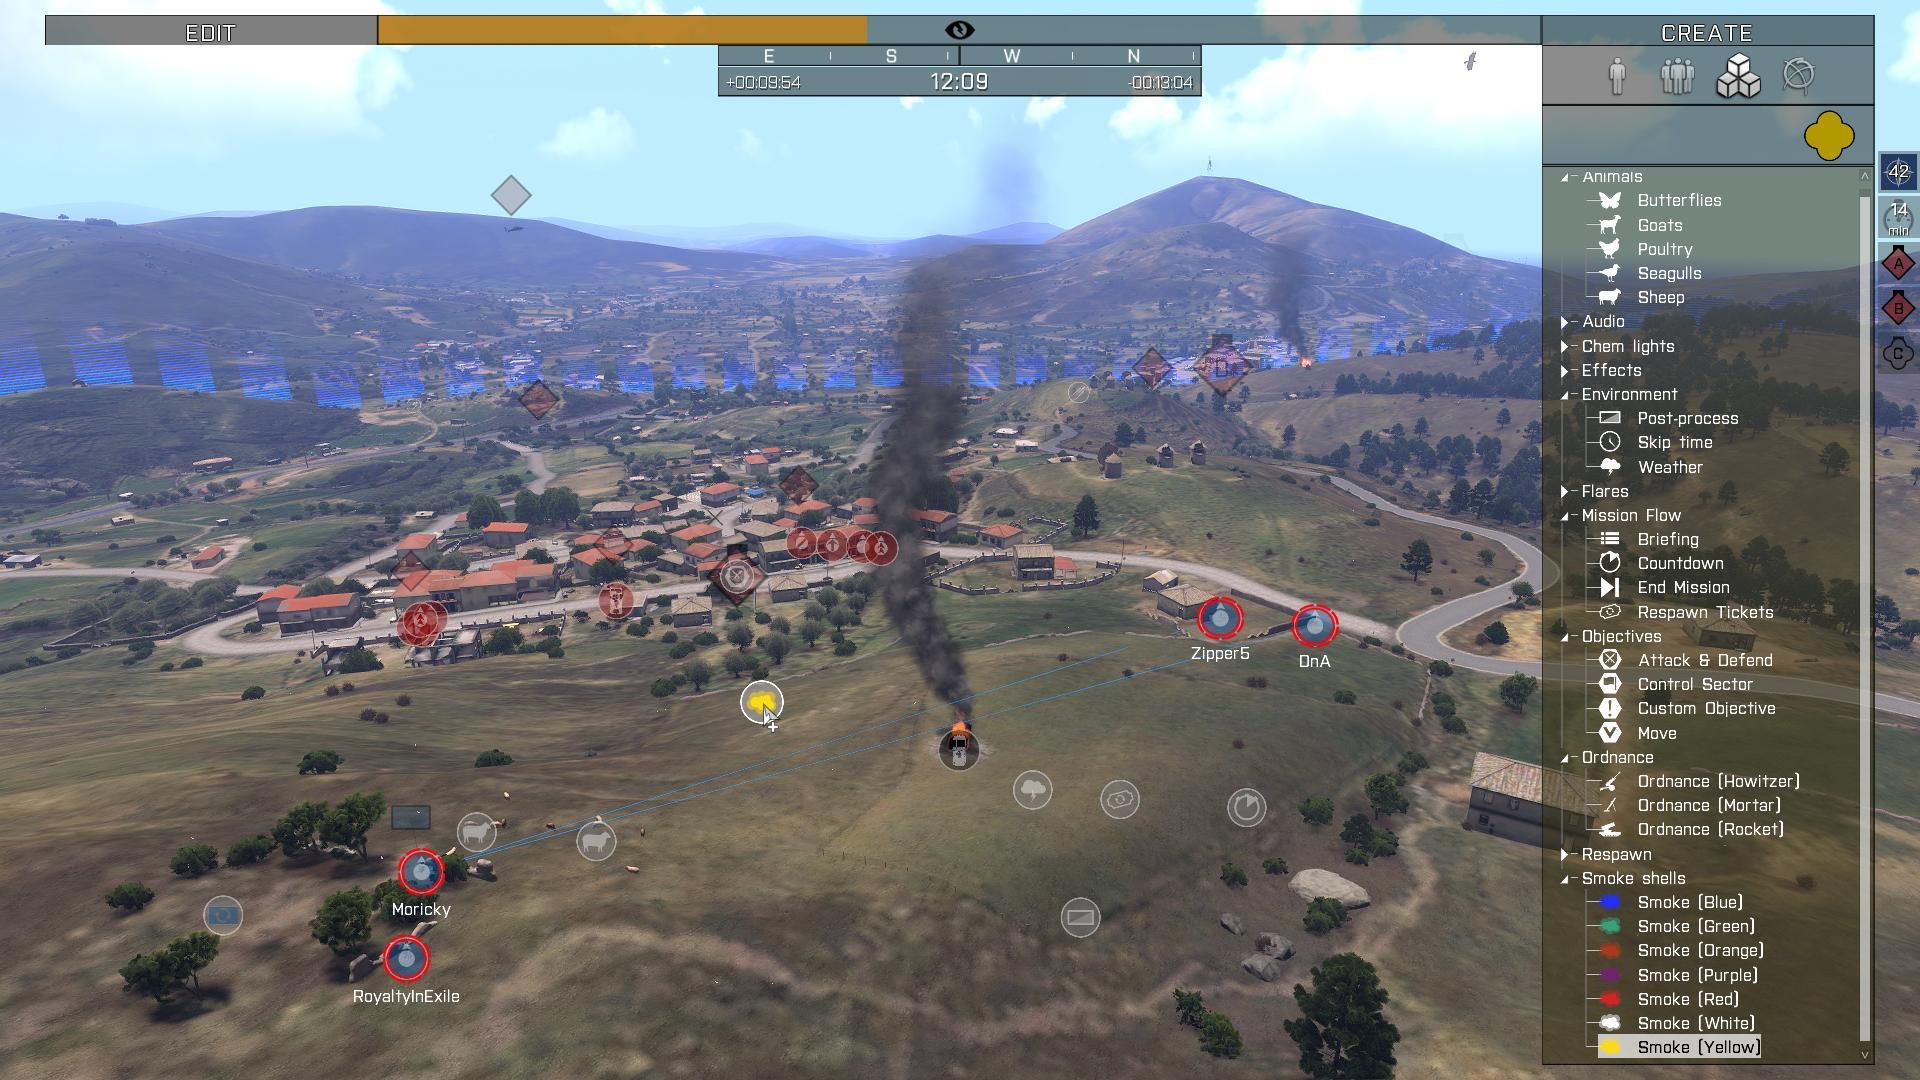 Nové detaily o Zeus DLC pro Armu 3 93441